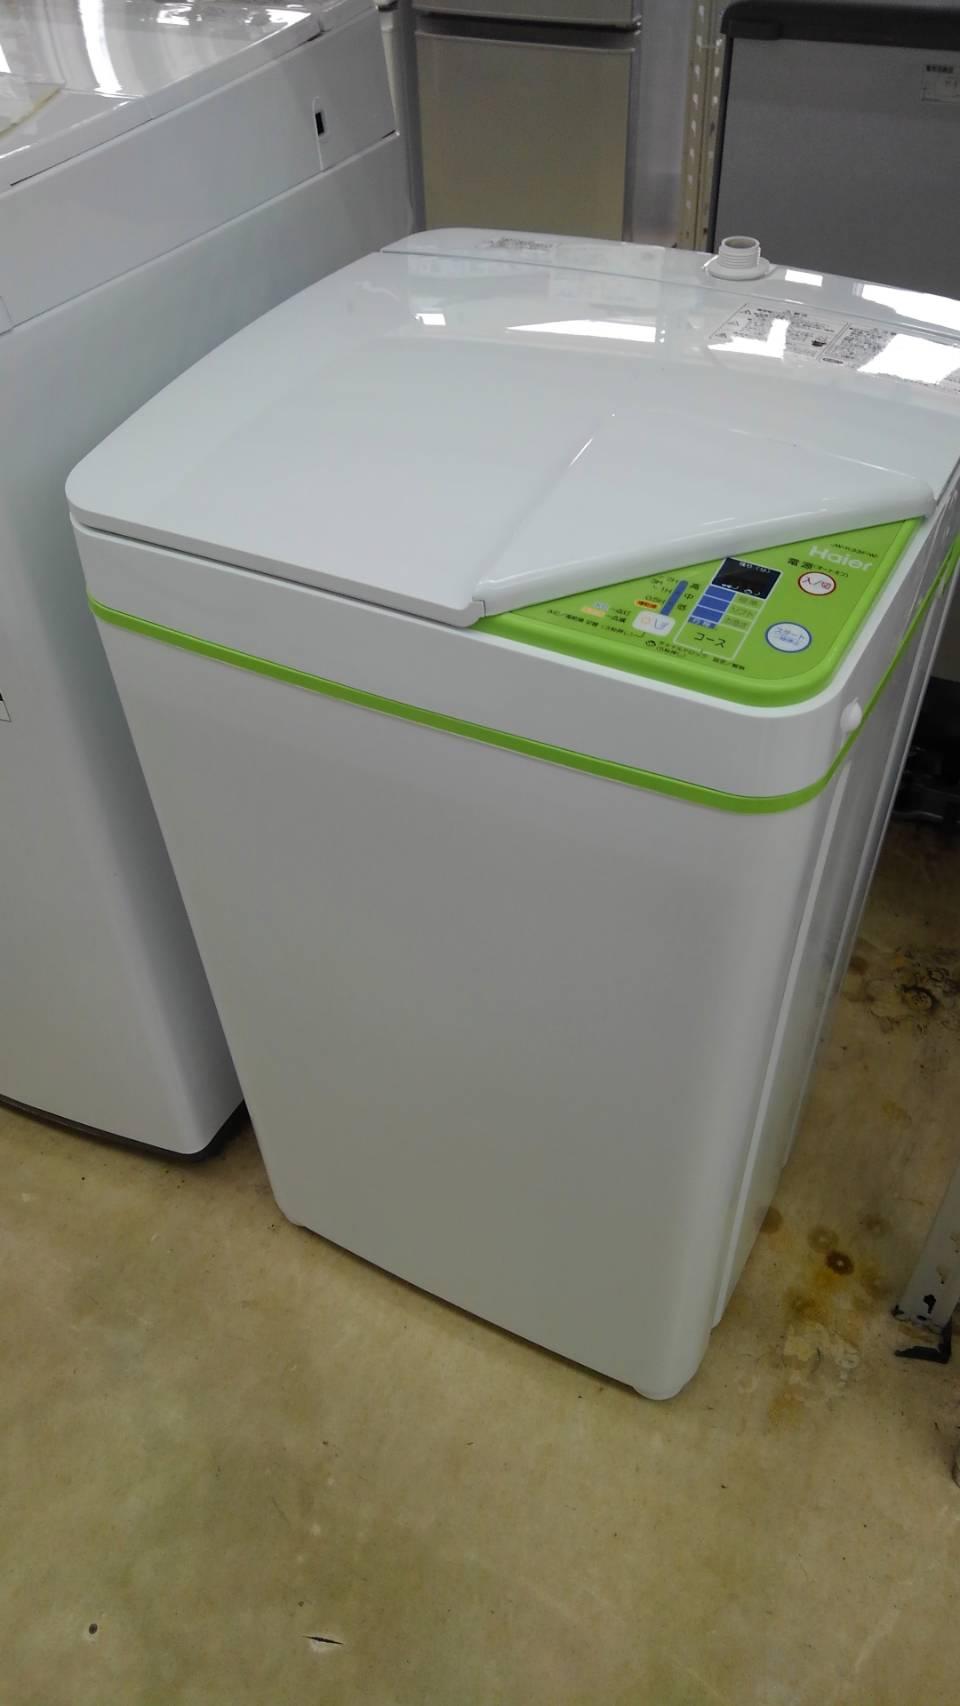 【ハイアール 3.3㎏洗濯機 JW-K33F 2015年 ペット用 一人暮らし】買い取り致しました!の買取-